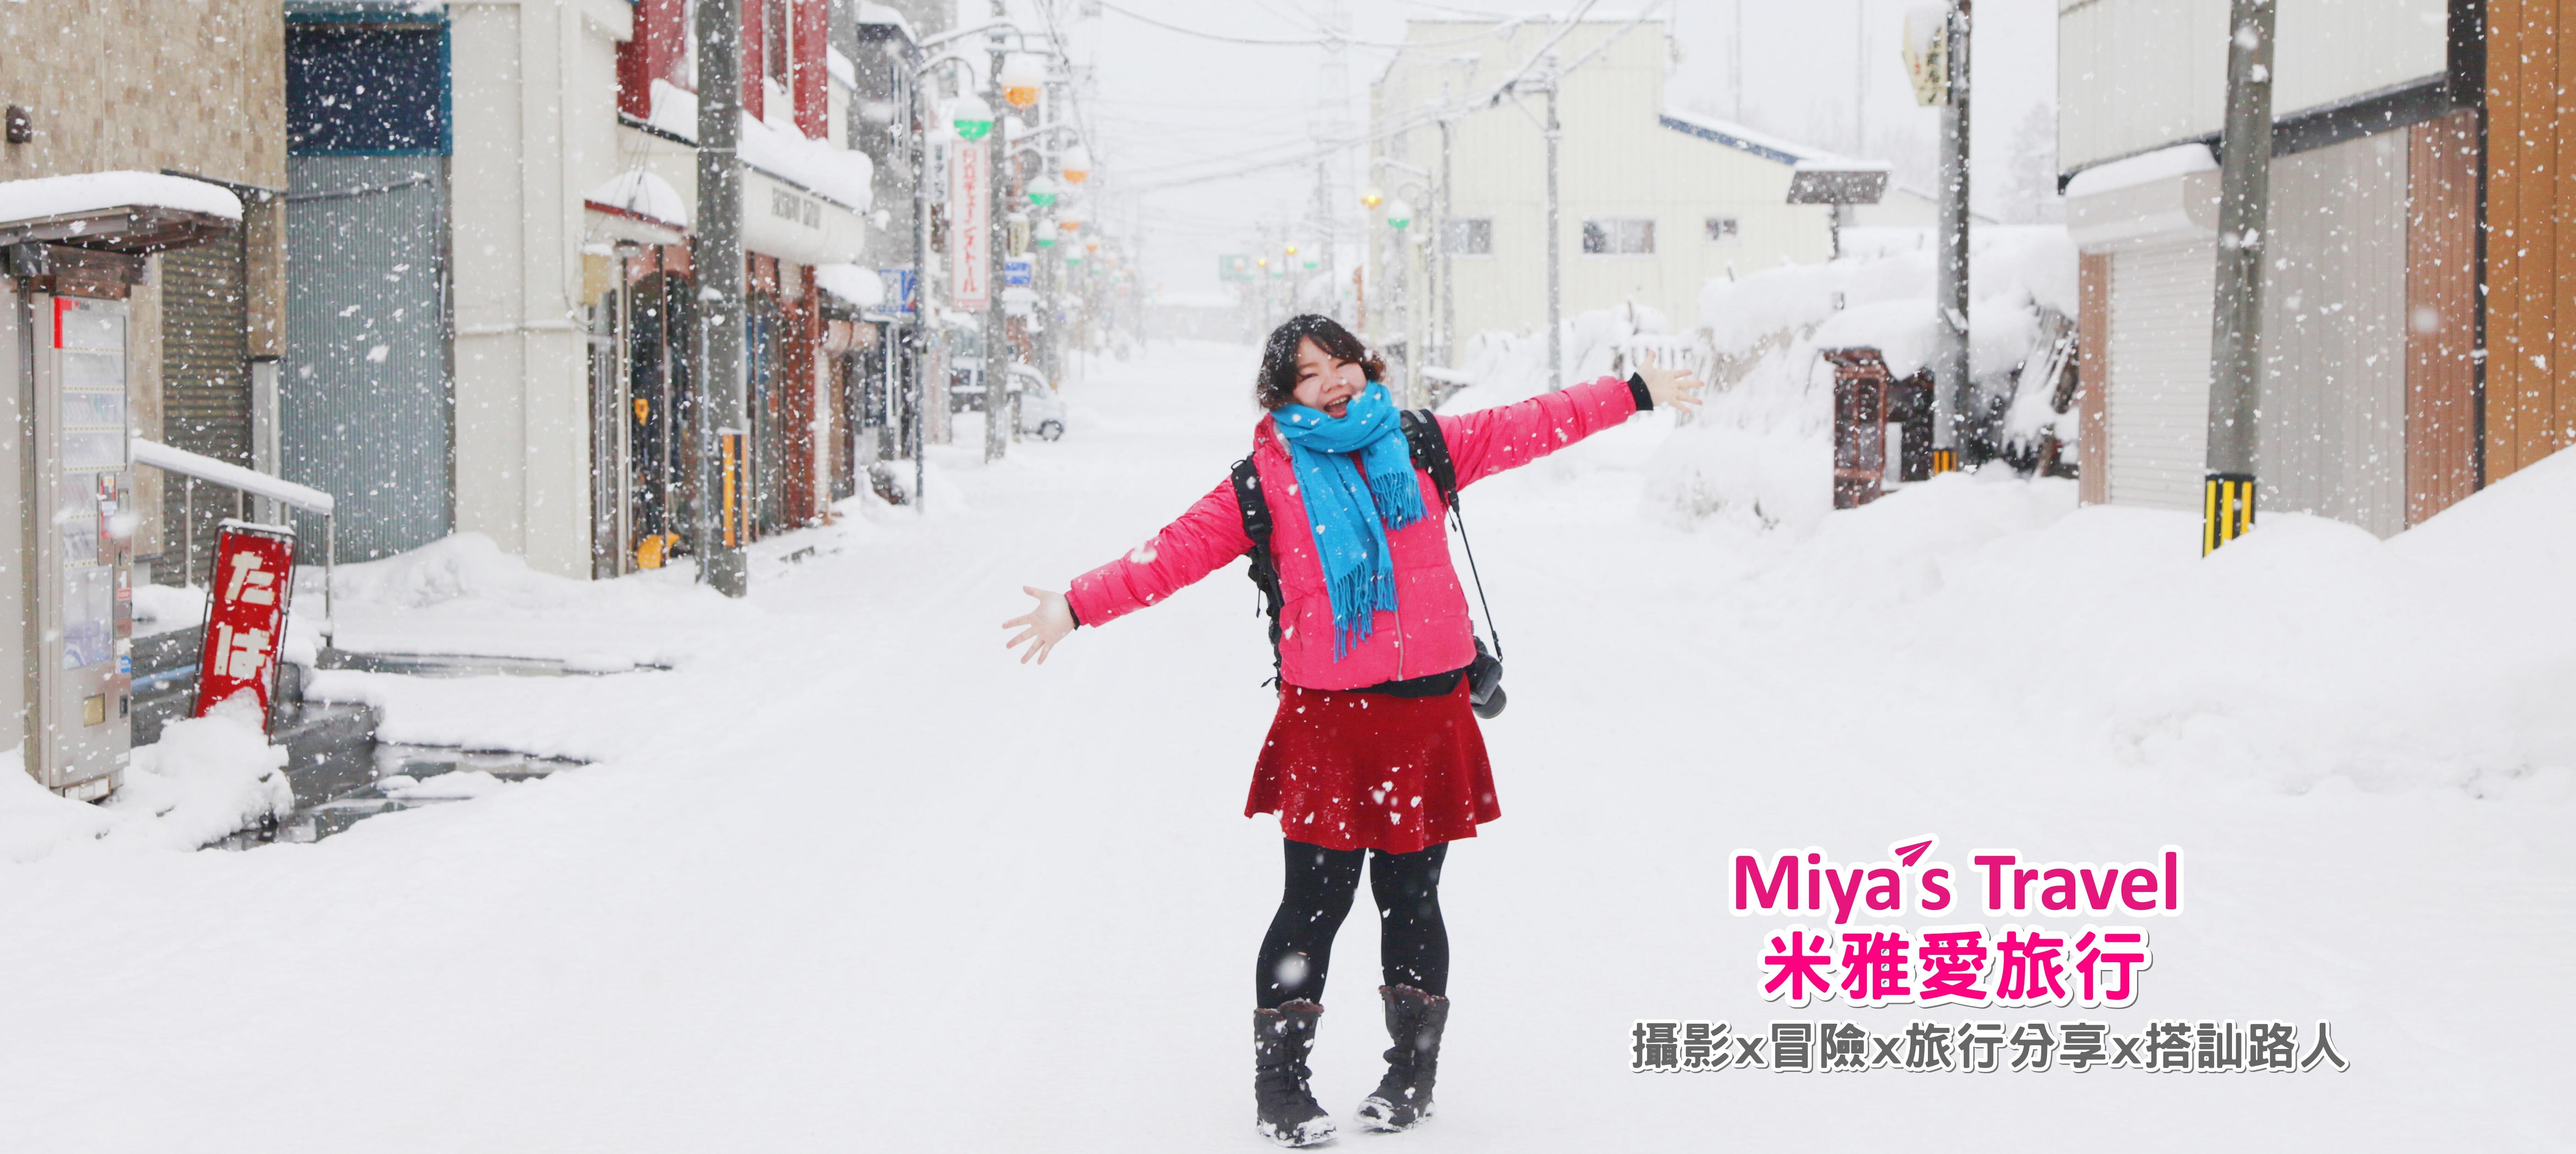 Miya 首圖